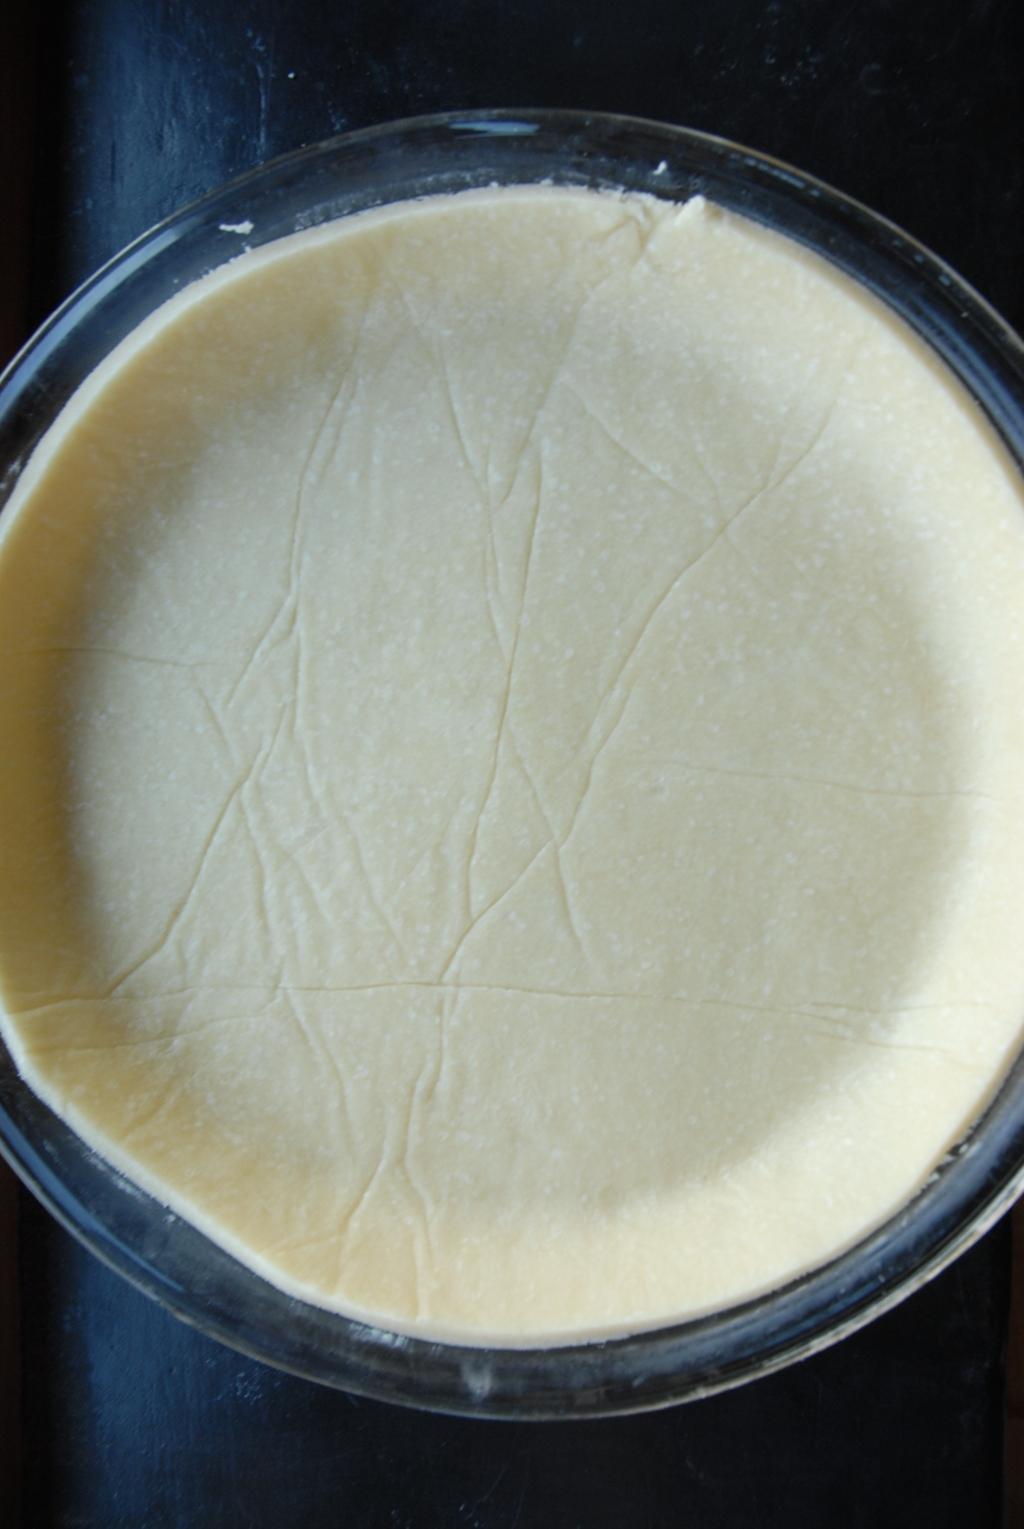 Galette Crust